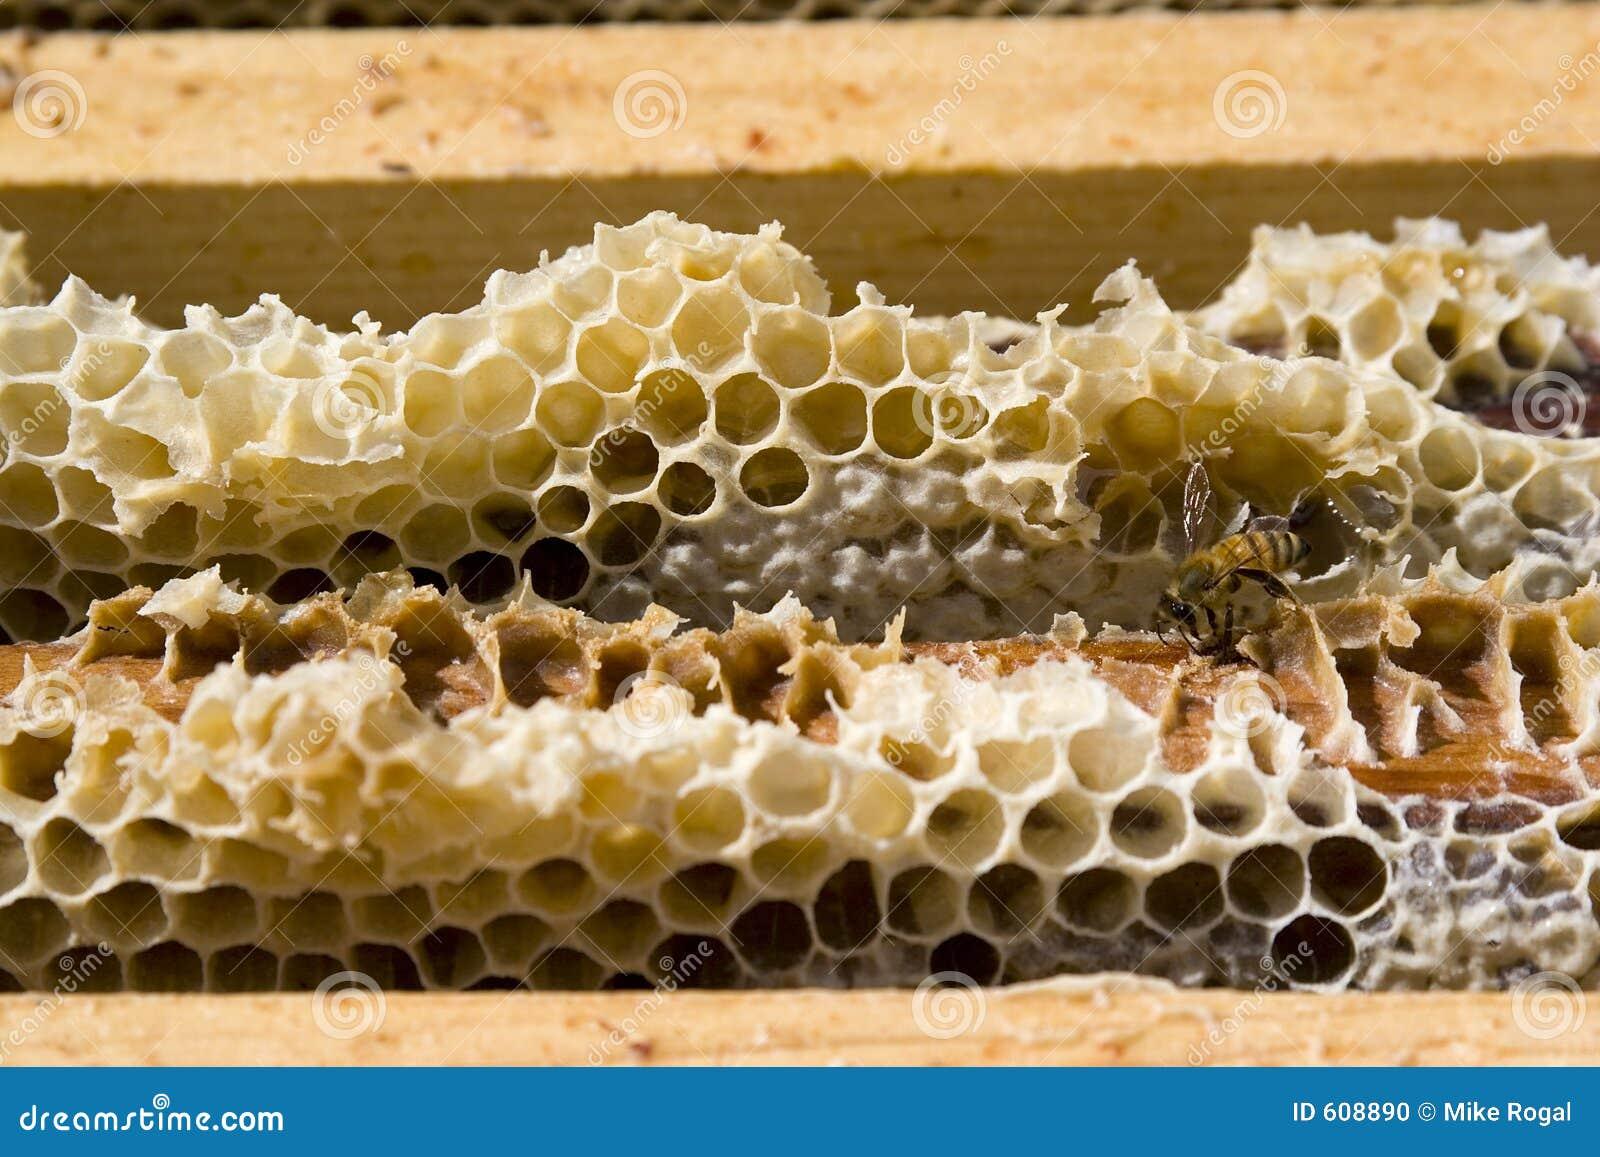 De Kammen van de honing